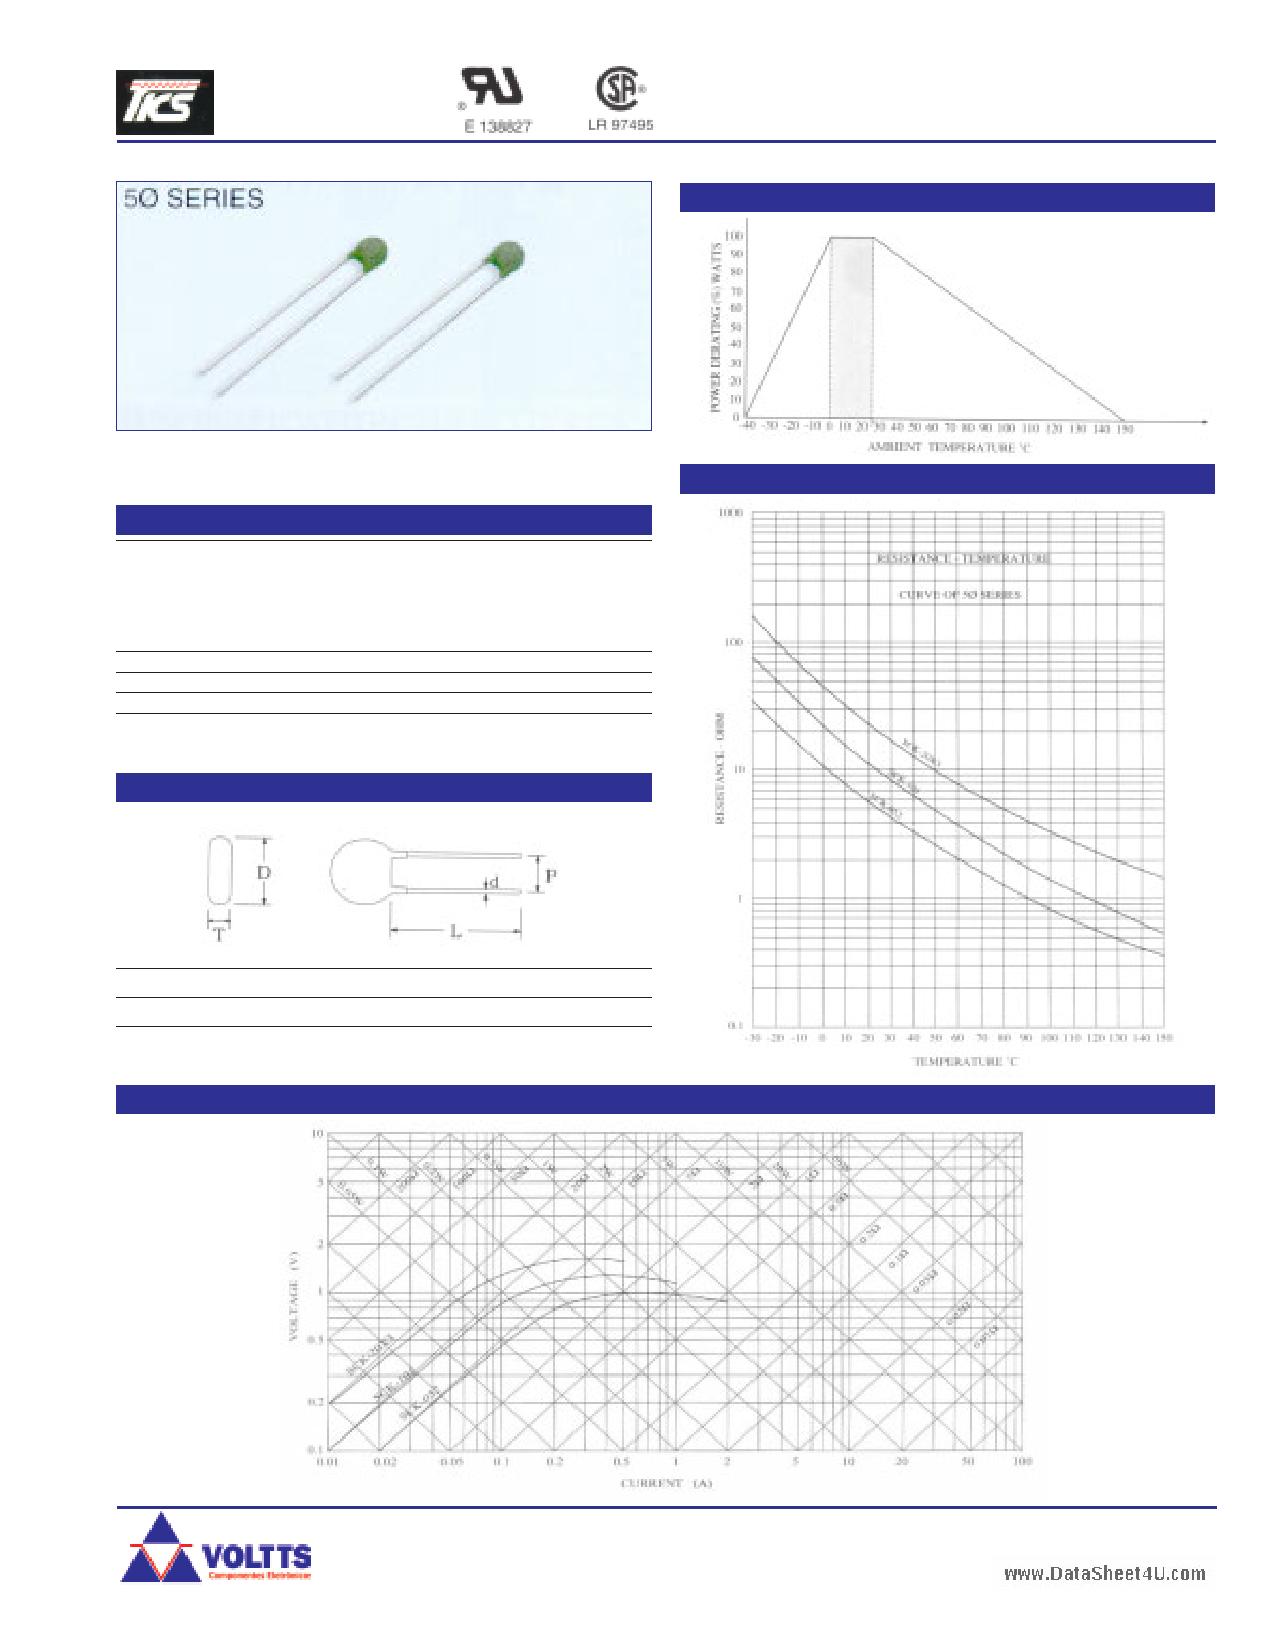 SCK-2R55A Thermistor pdf pinout